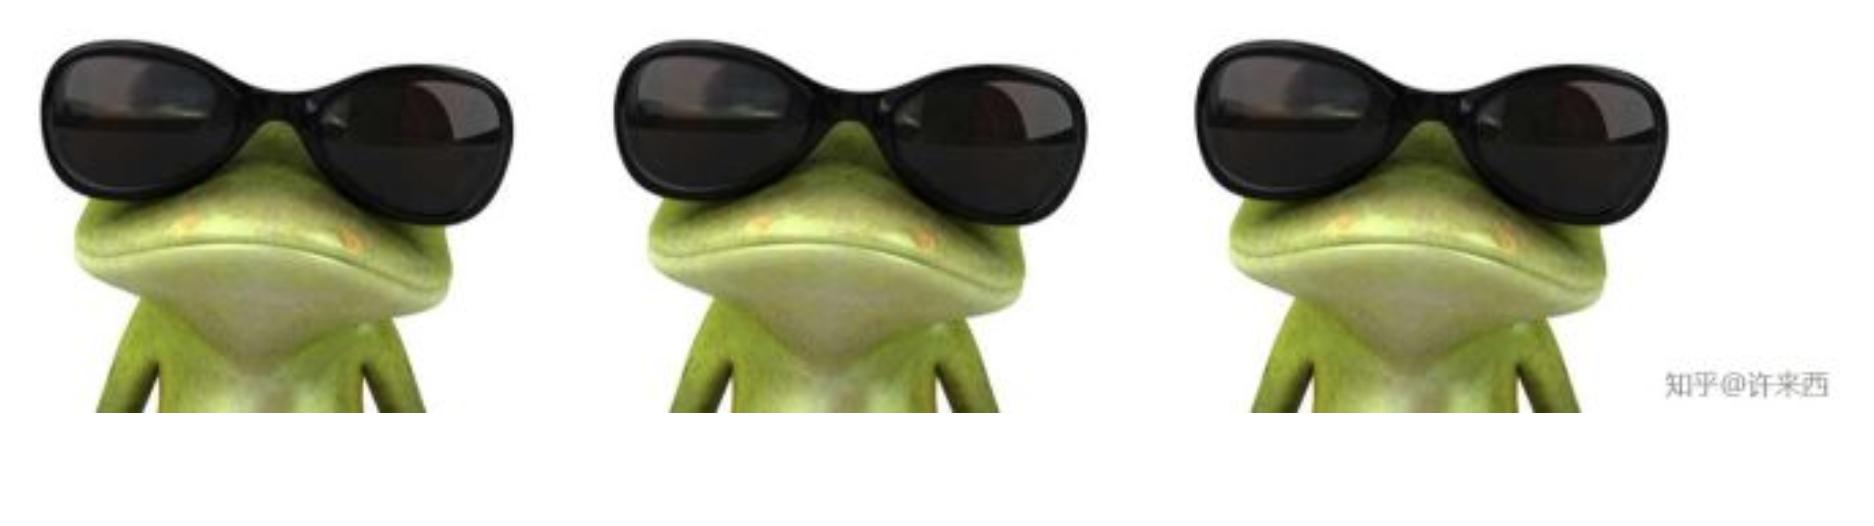 一个青蛙世界